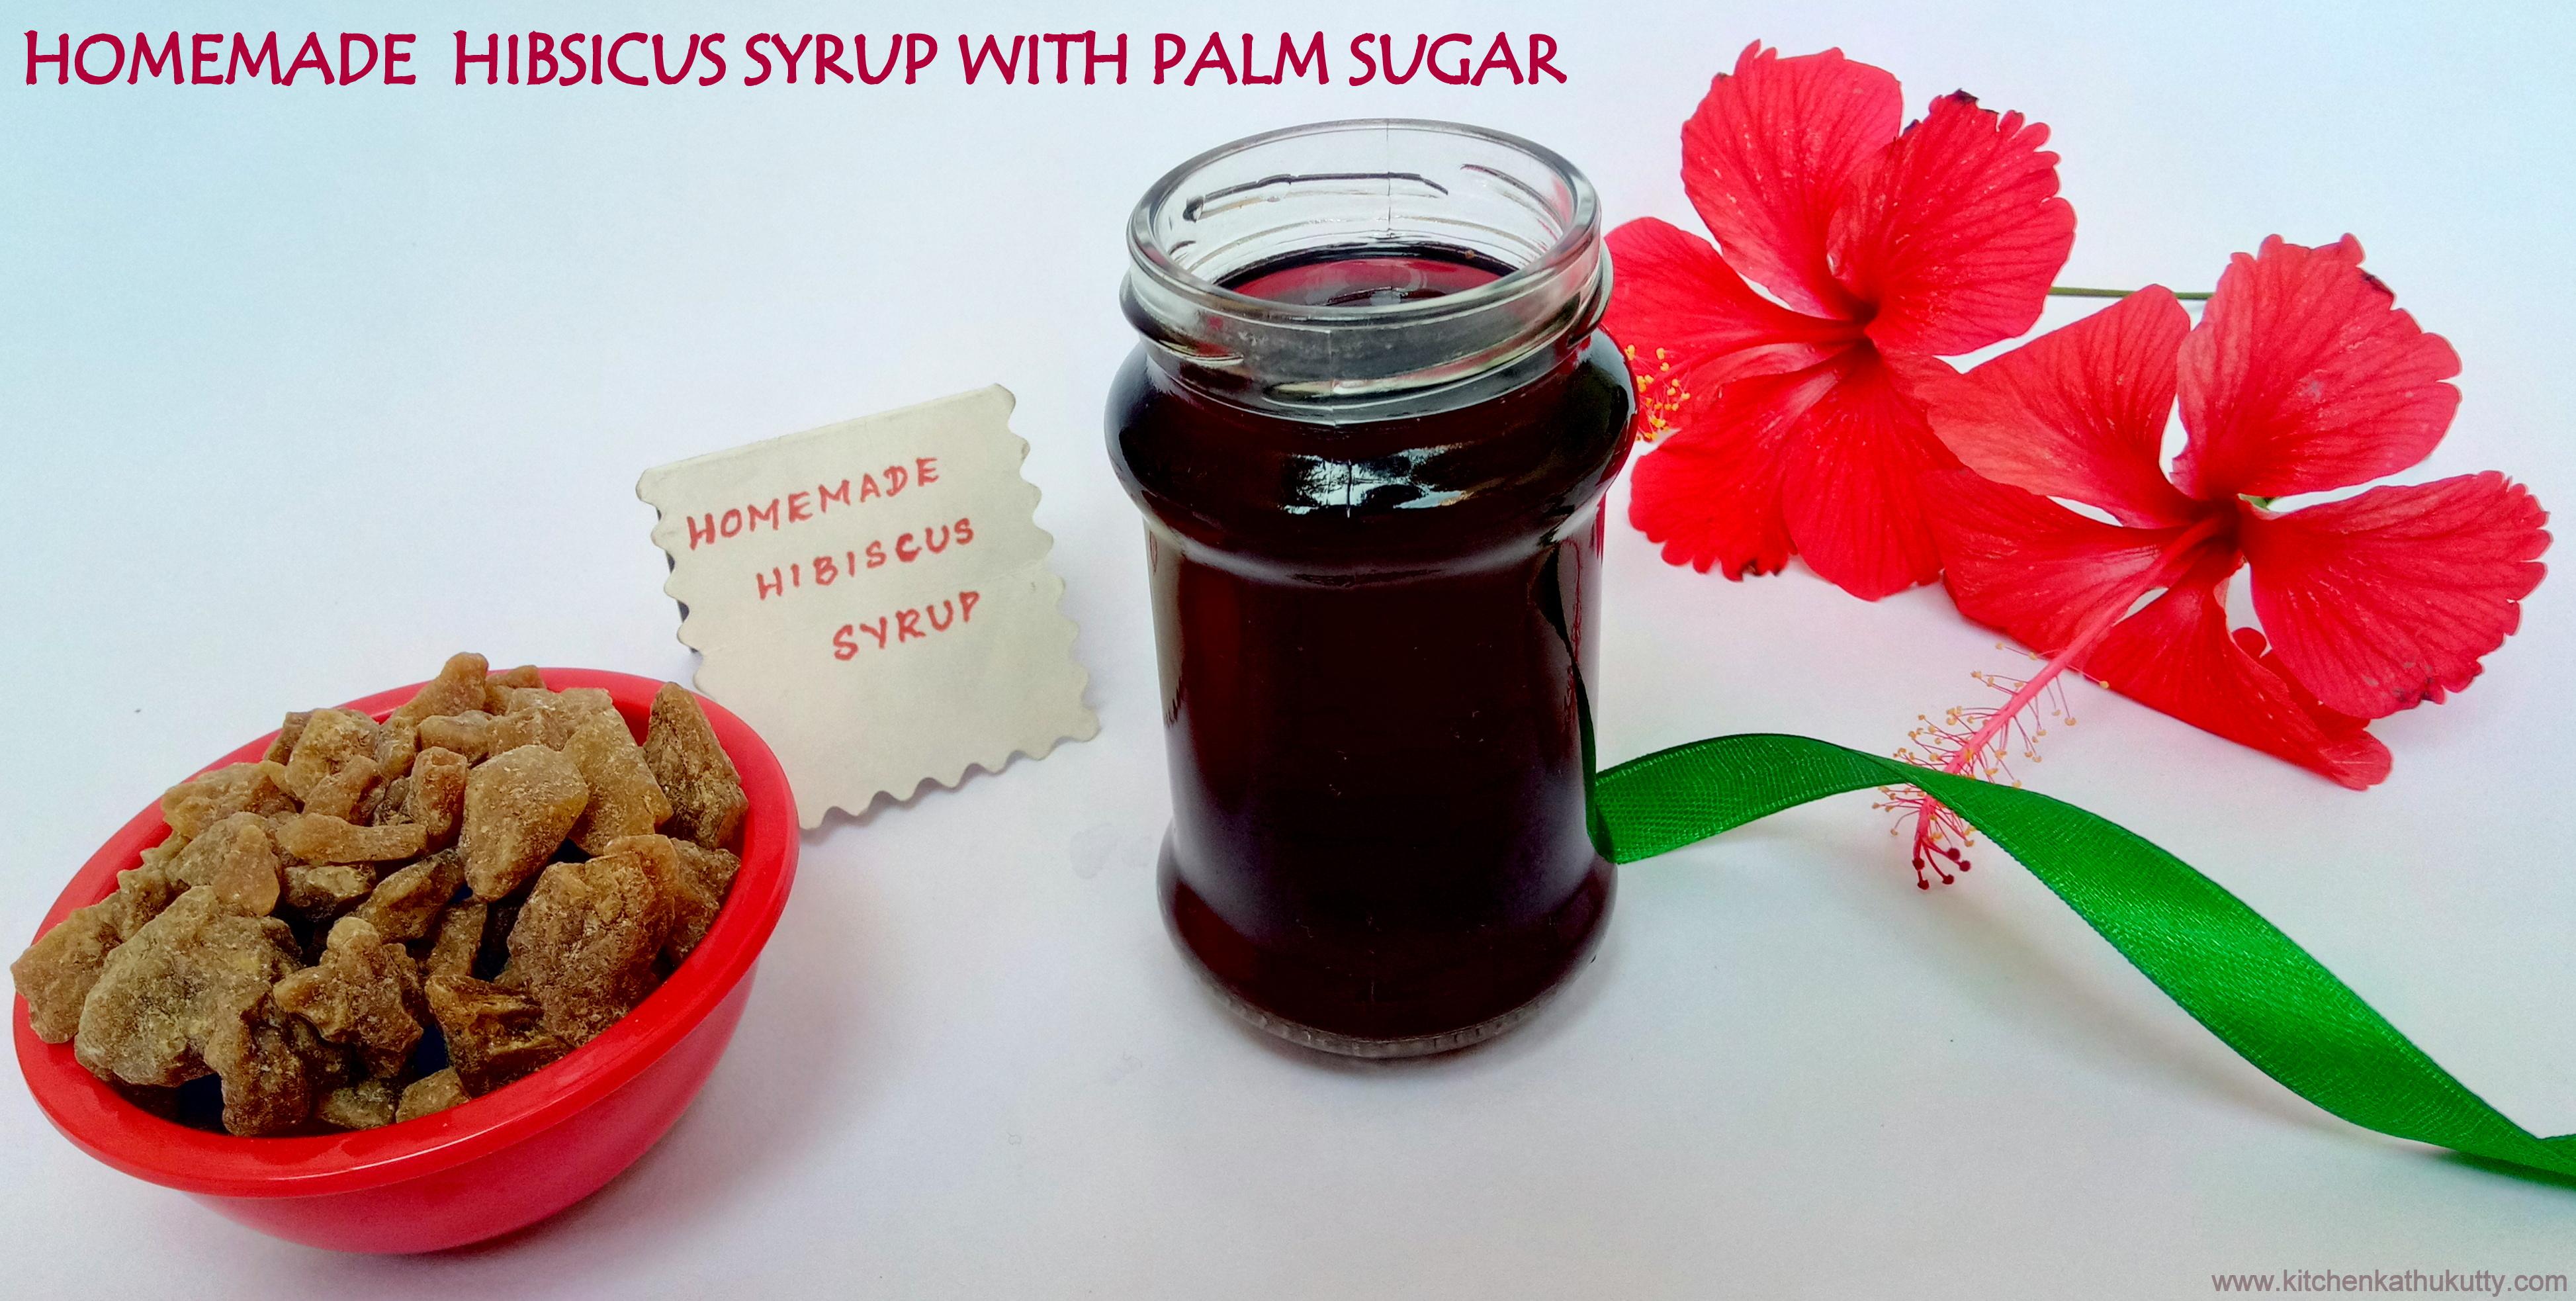 Hibiscus syrup recipehibiscus sharbatchembaruthi sherbert hibiscus syrup recipehibiscus sharbatchembaruthi sherbert kitchen kathukutty izmirmasajfo